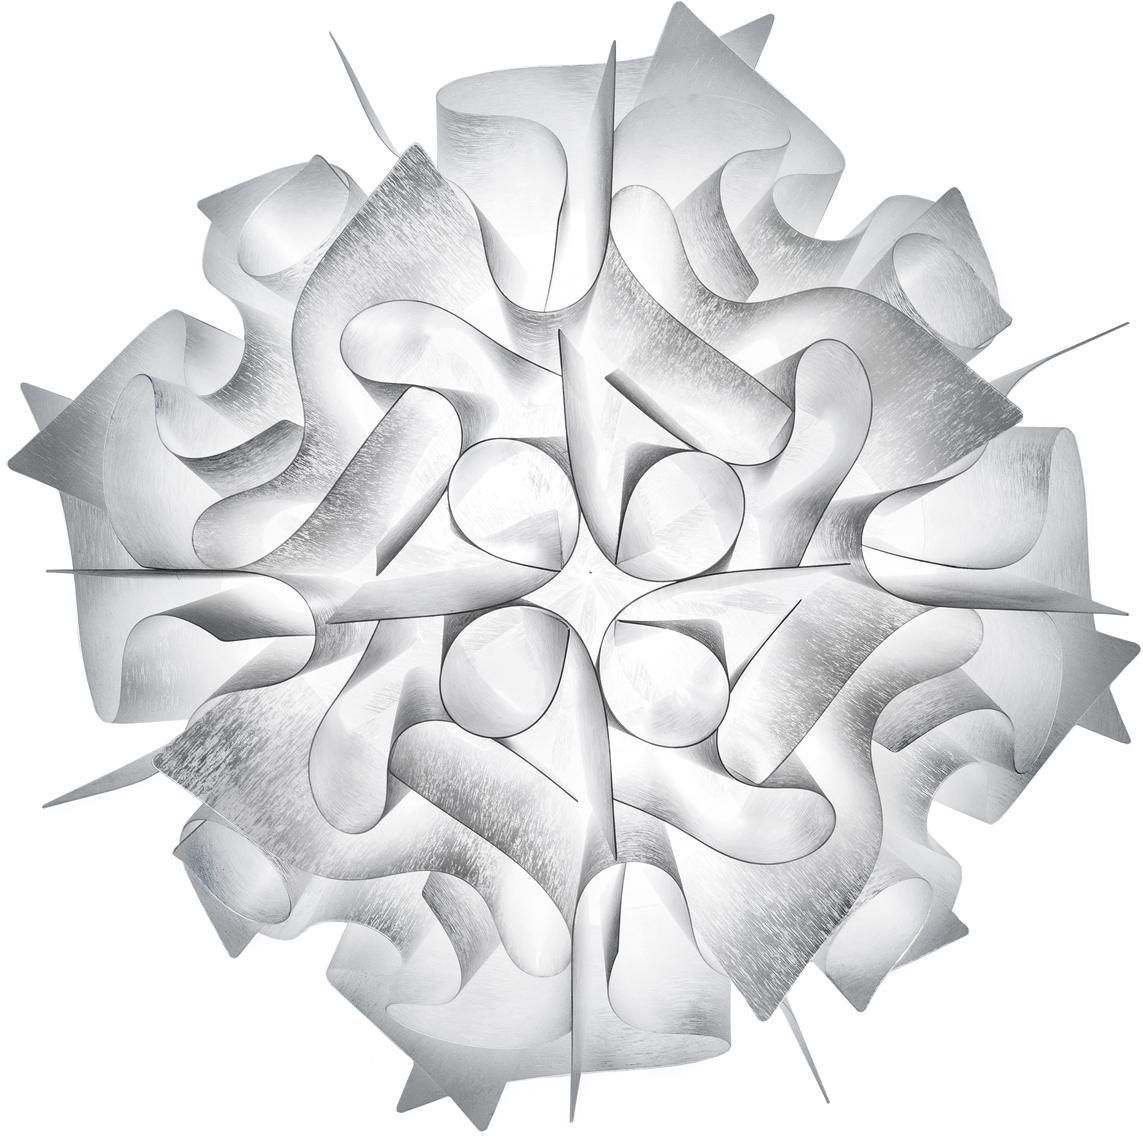 Handgefertigte Decken- und Wandleuchte Veli, Technopolymer Opalflex®, recycelbar, bruchfest, flexibel, antistatisch beschichtet, UV- und hitzebeständig, Weiß, Ø 53 x T 20 cm